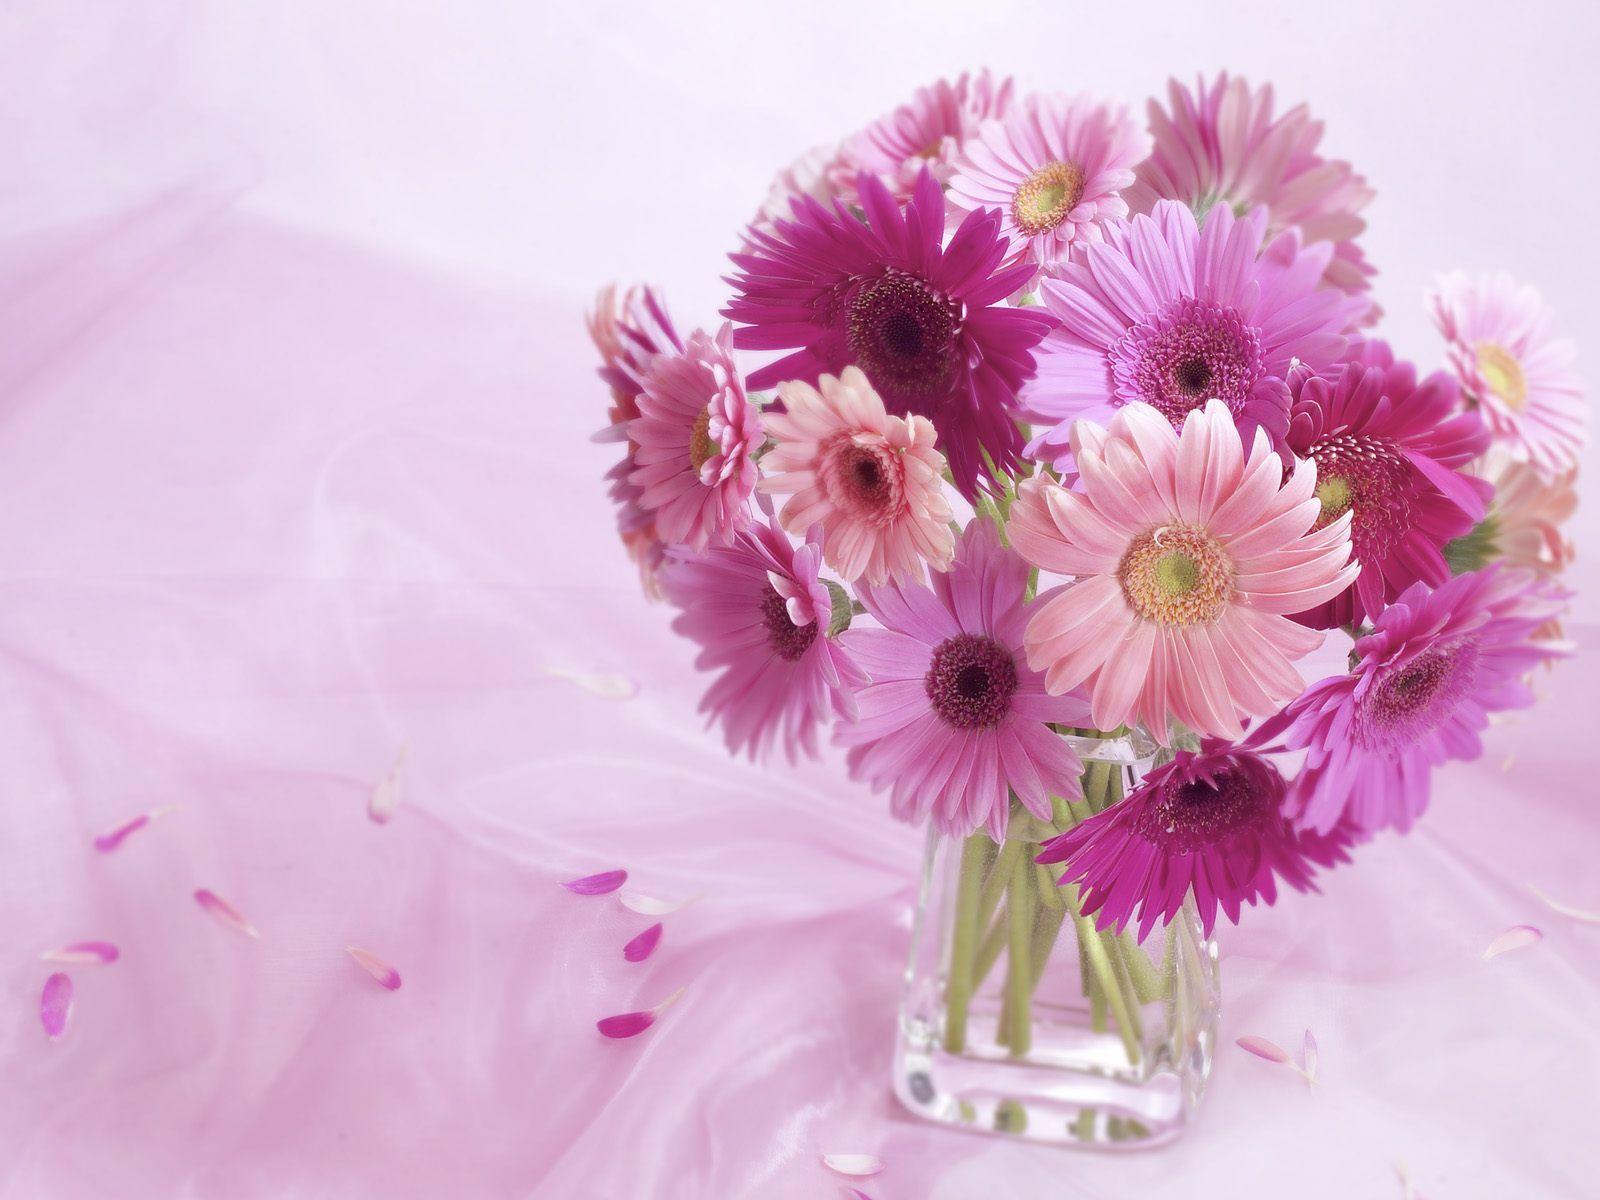 Pretty In Pink Flower Wallpaper Hd Flower Wallpaper Gerbera Daisy